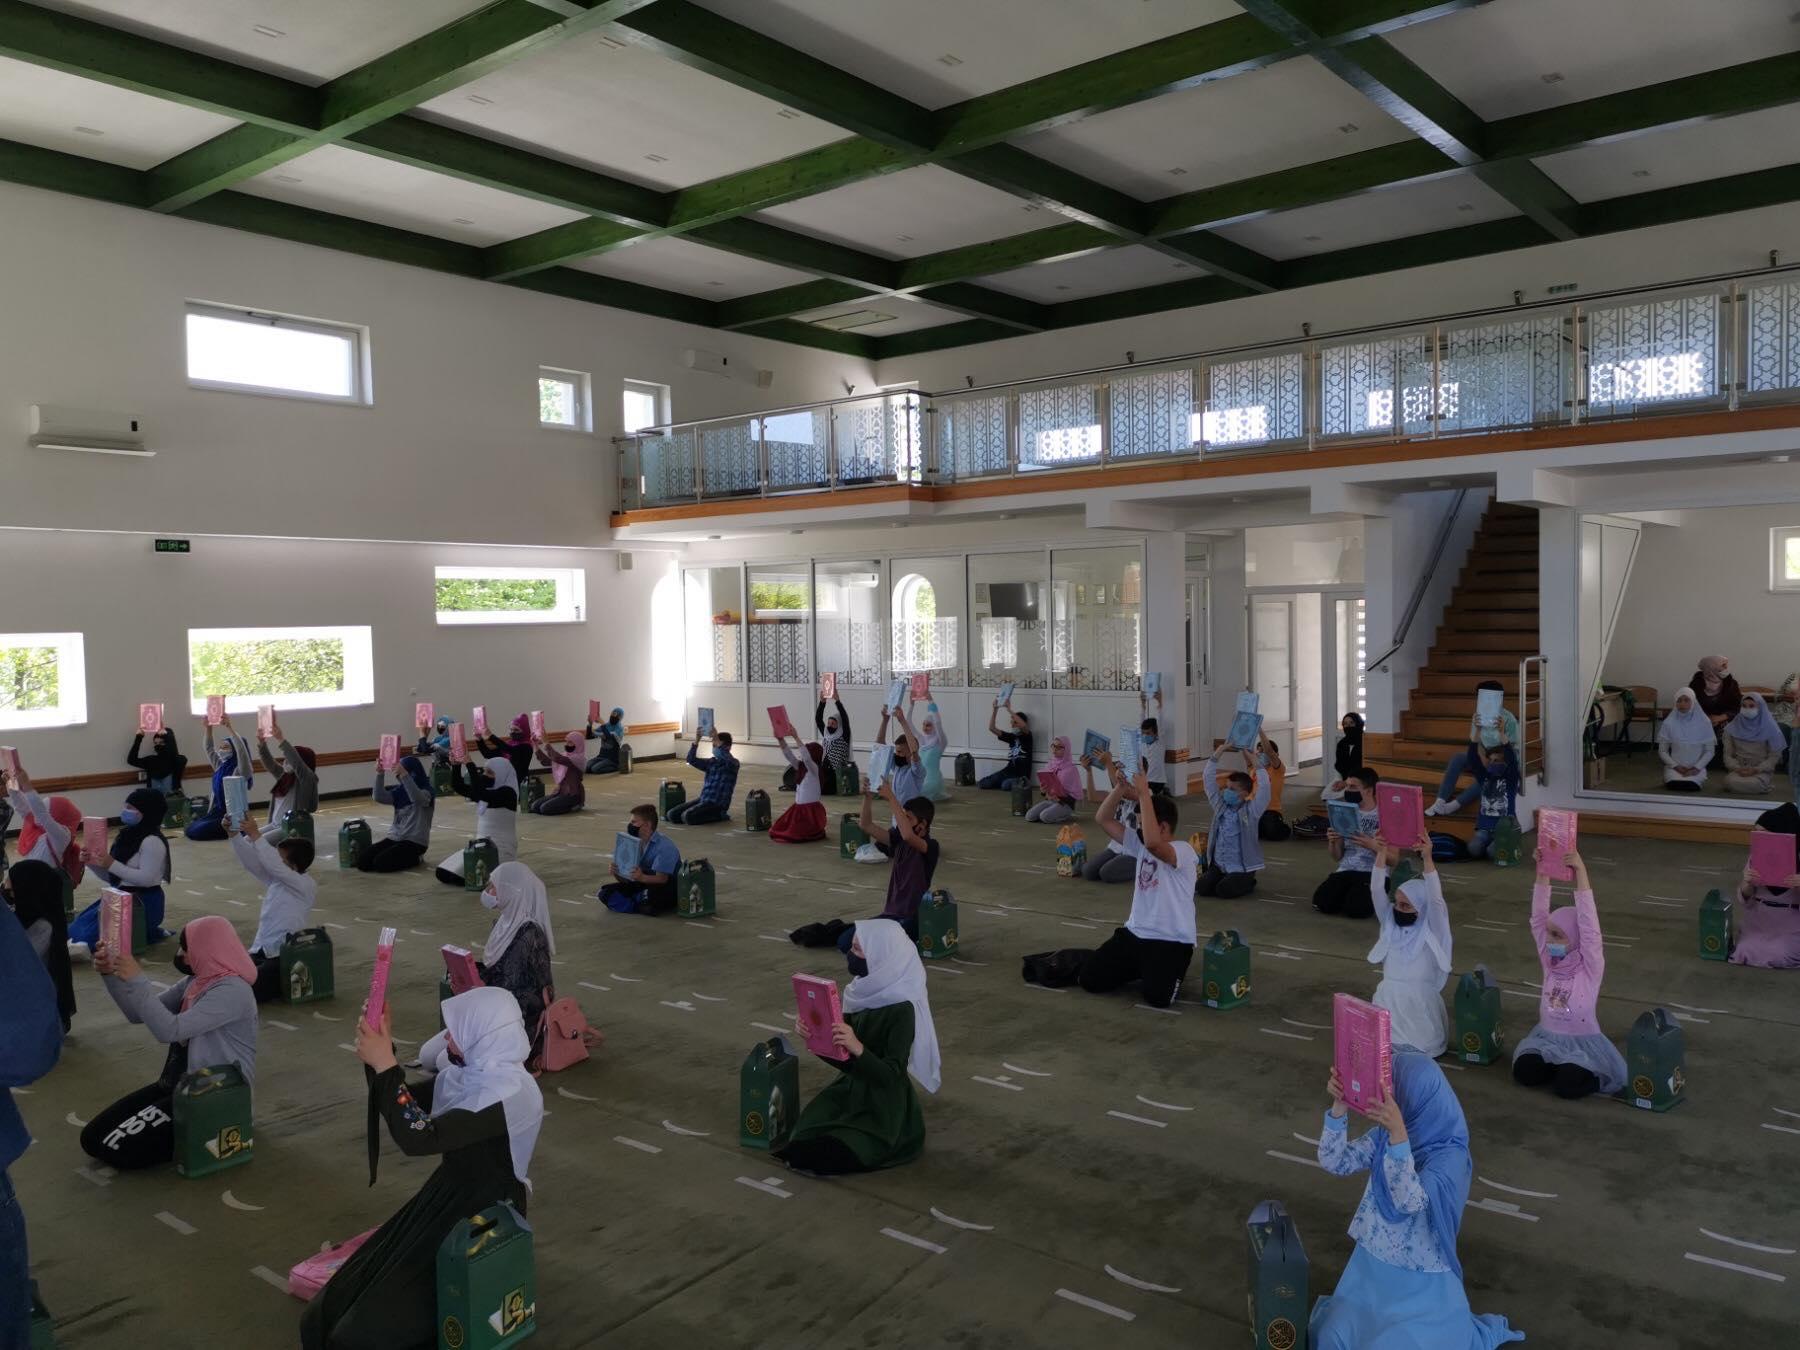 Nakon mubarek Noći kadr  u Podlugovima 27. dana ramazana promovisano 60 novih učača Kur'ana